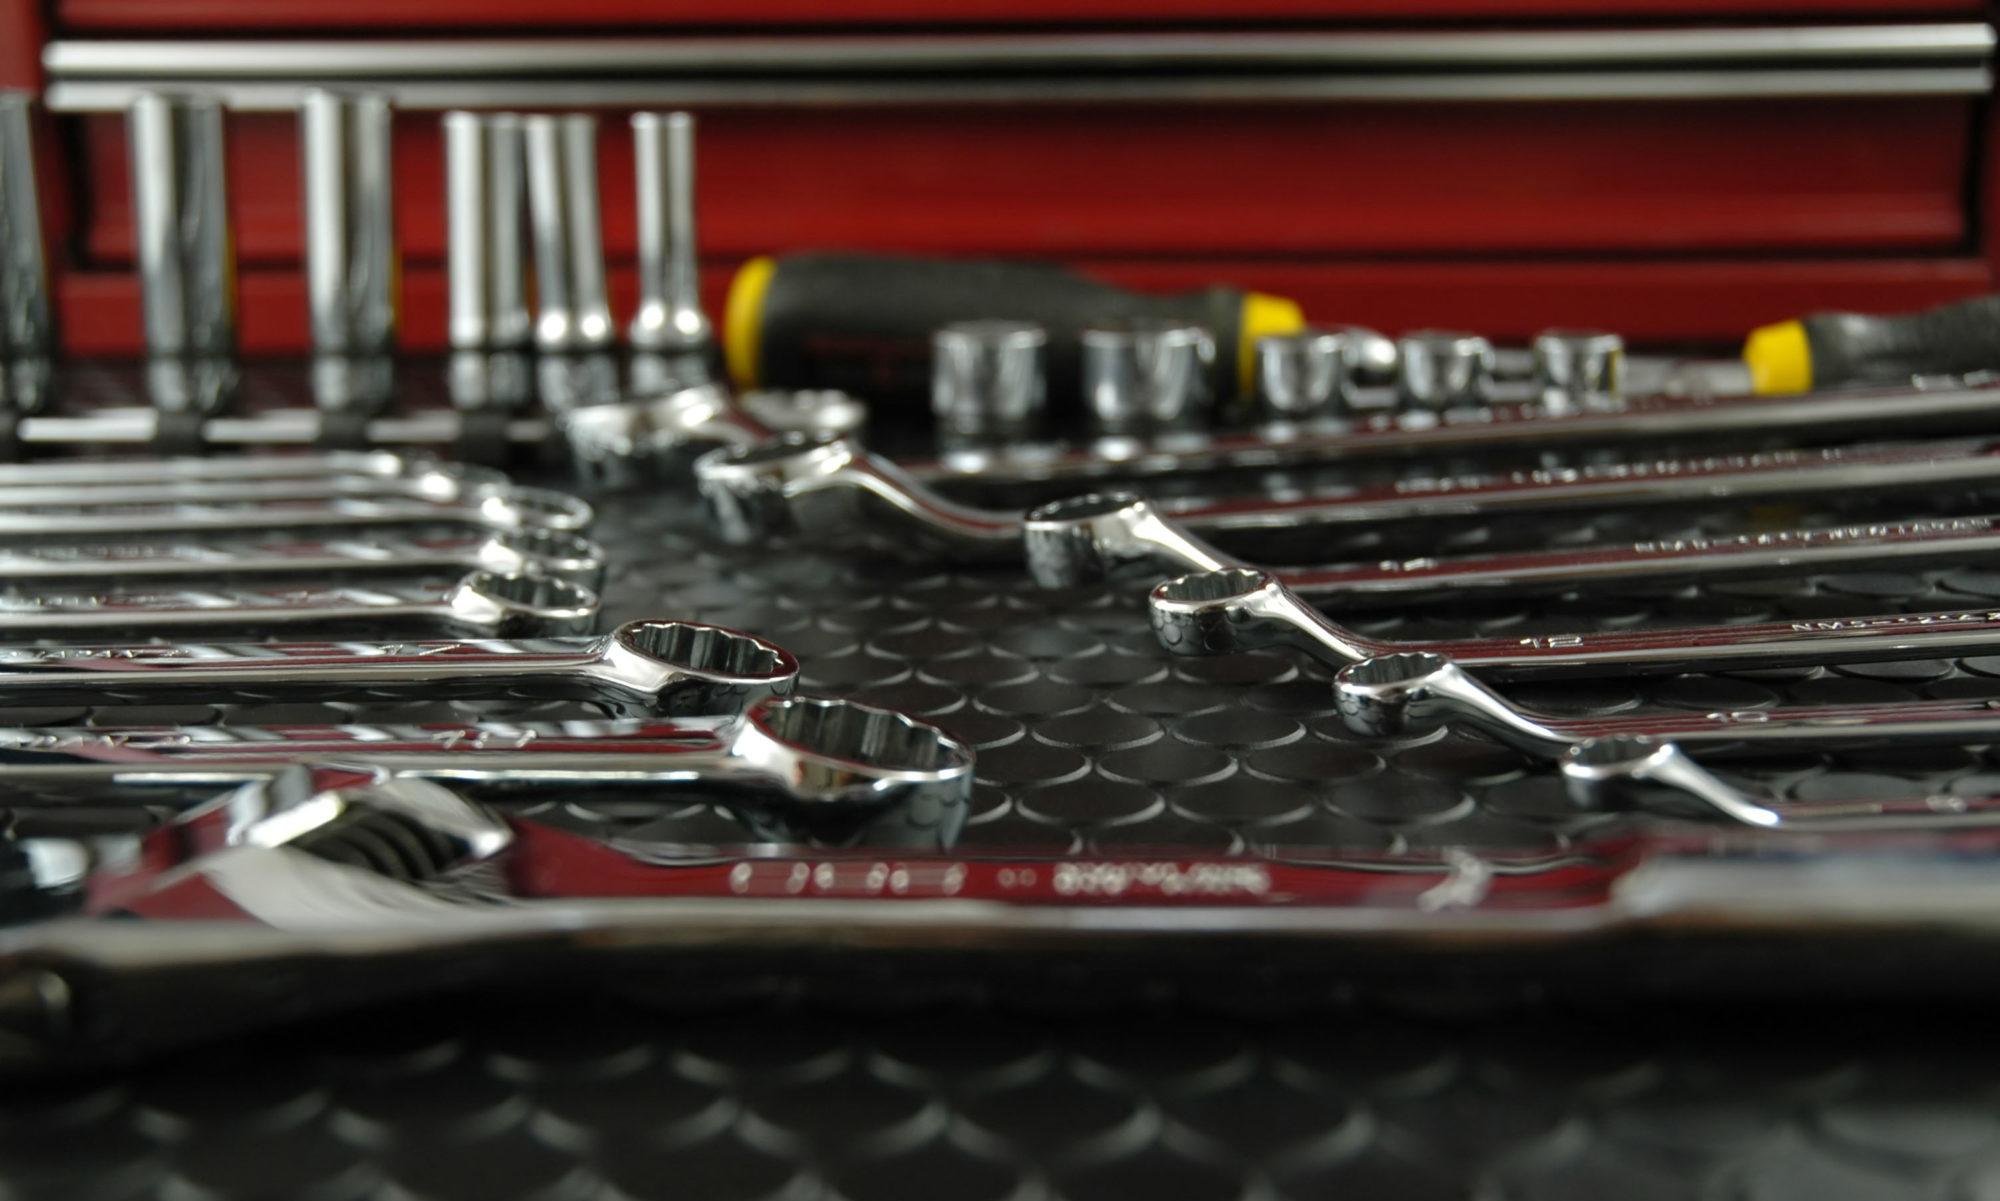 【N-PIT仙台】自動車修理 板金塗装のプロショップ